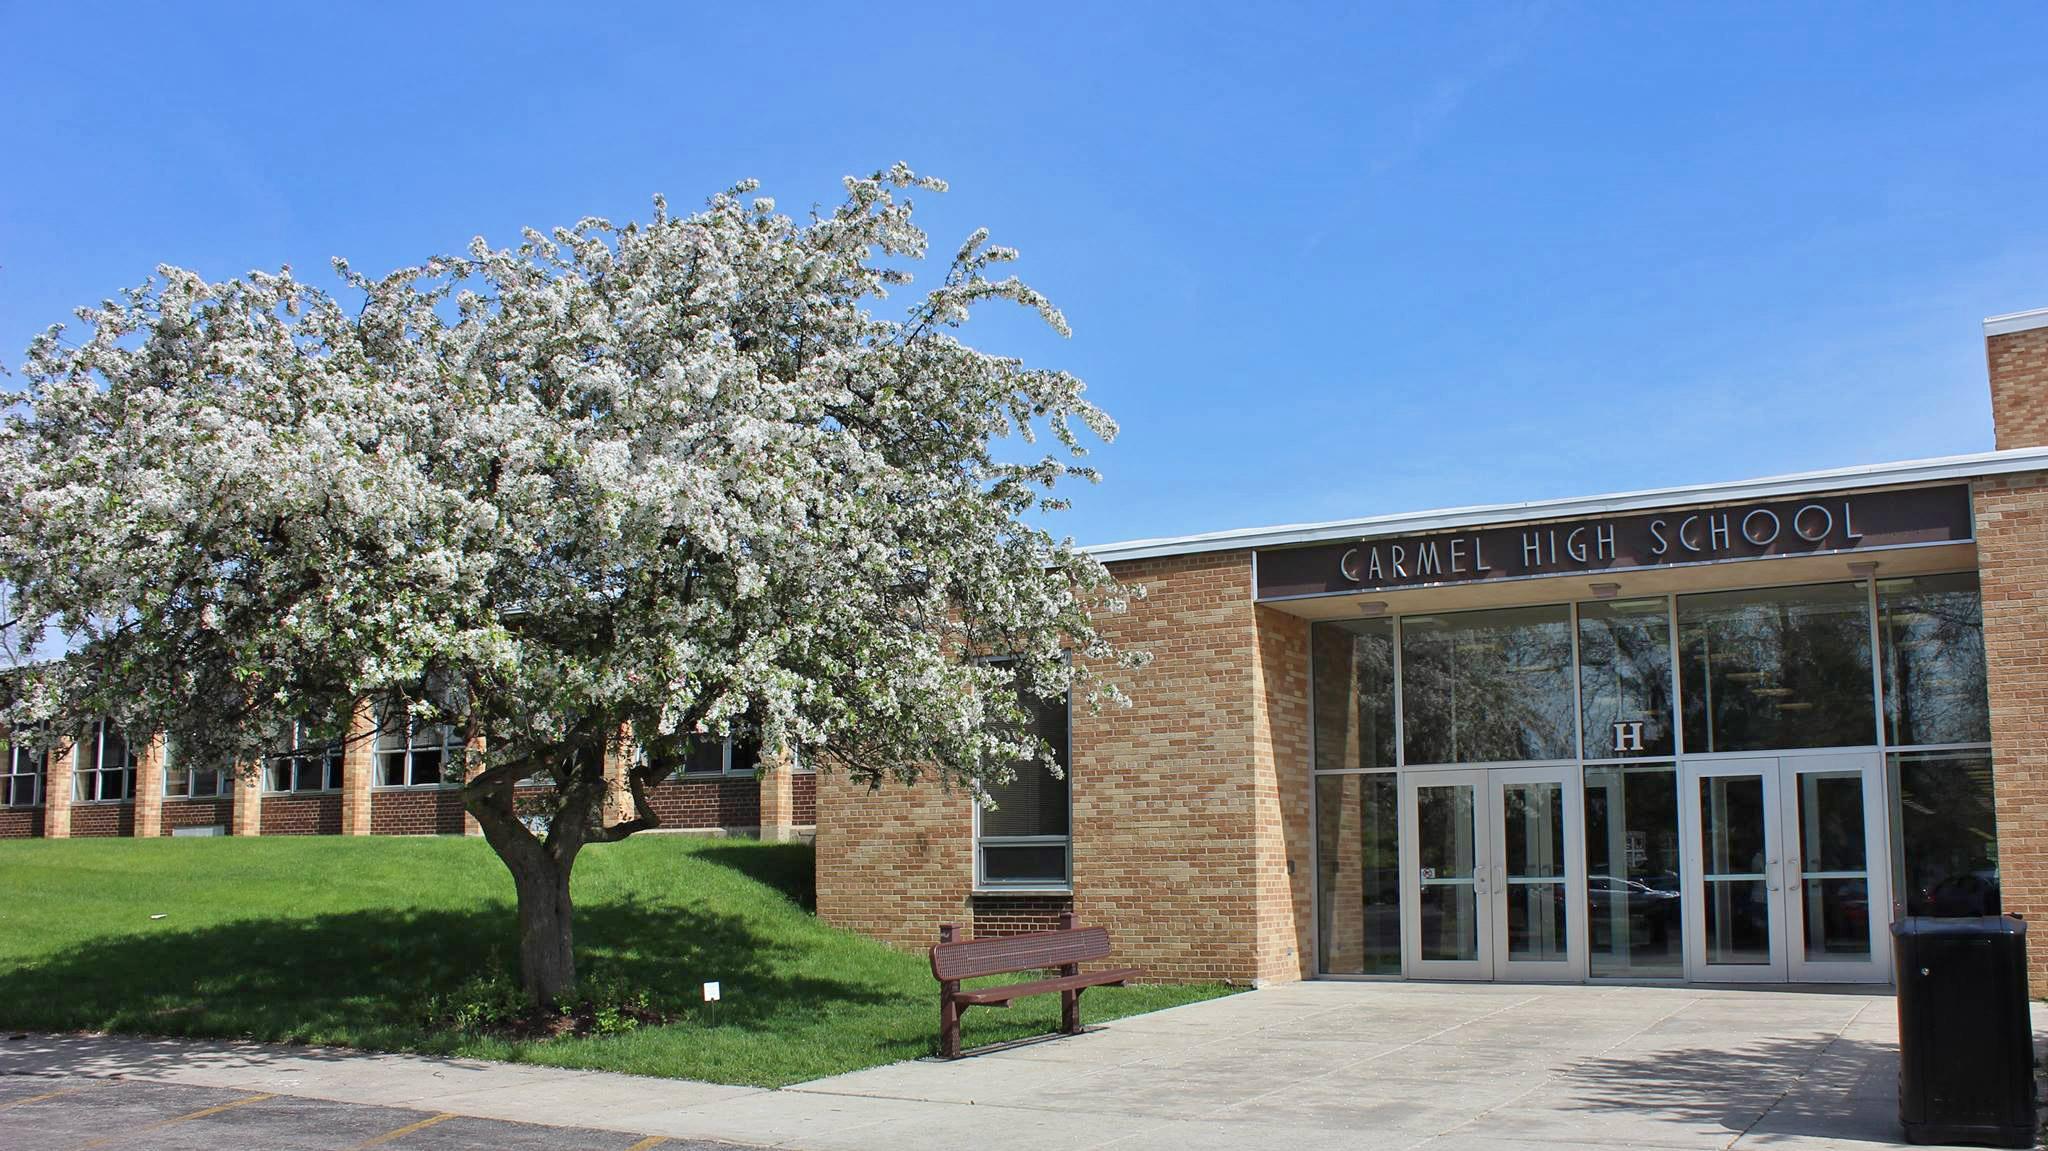 Carmel Catholic High School